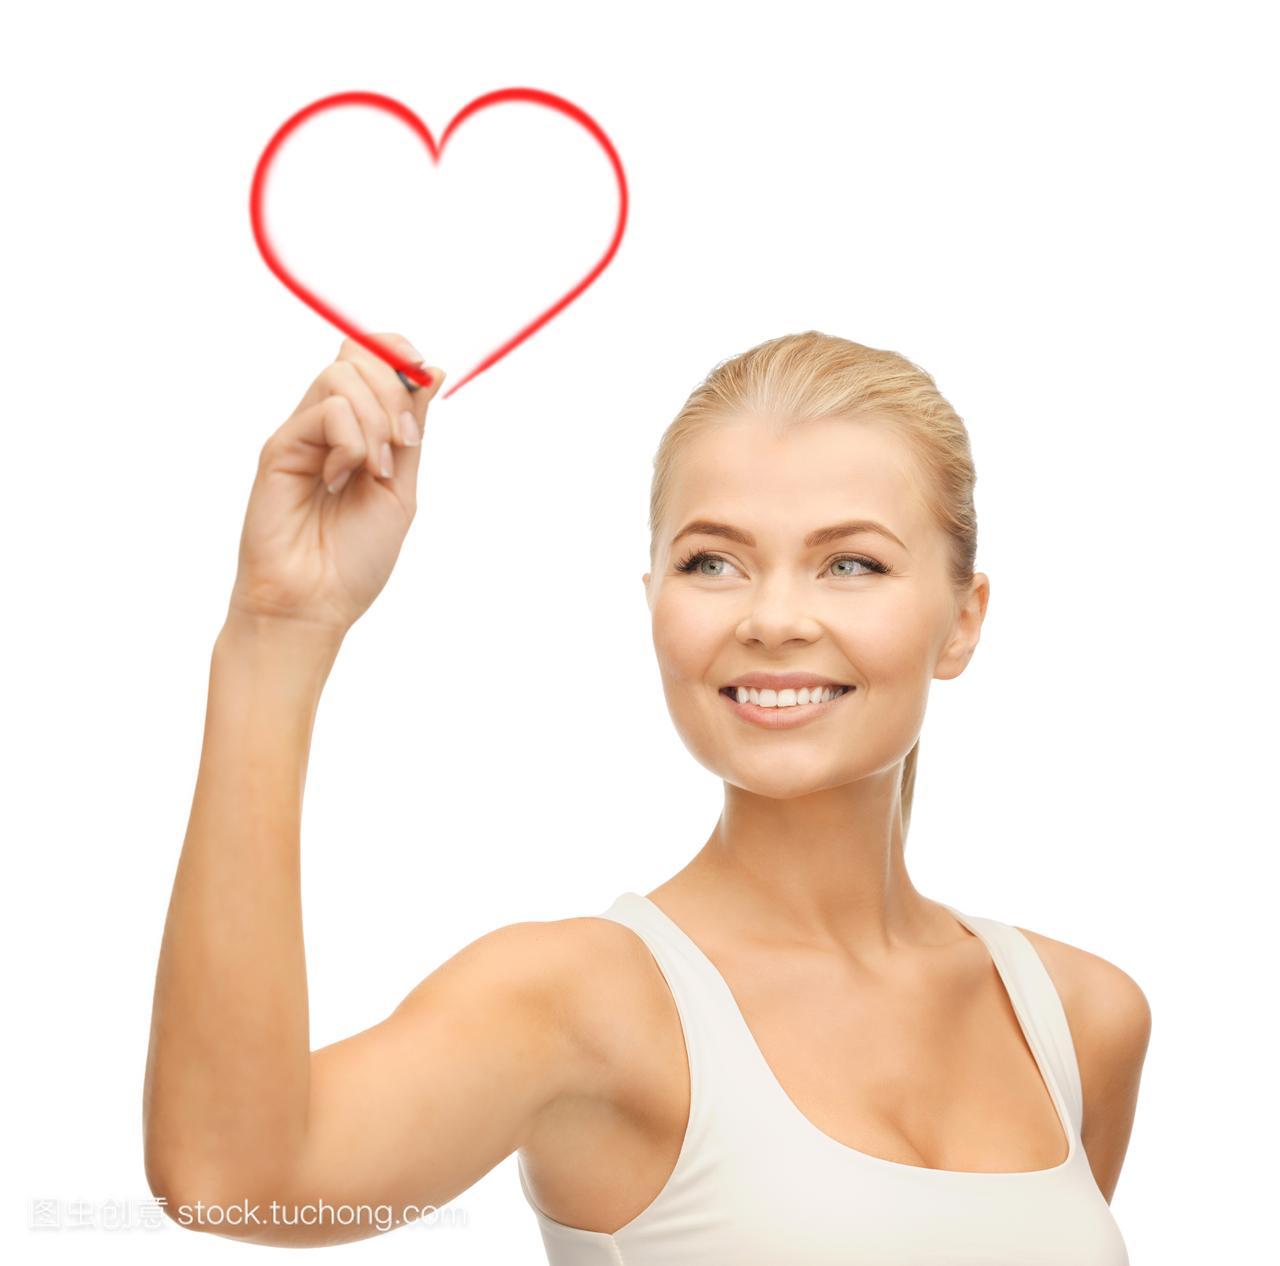 长,生意,画画,翰墨,商业,女人,心脏,建筑,图纸,空标准画图层的图纸图片